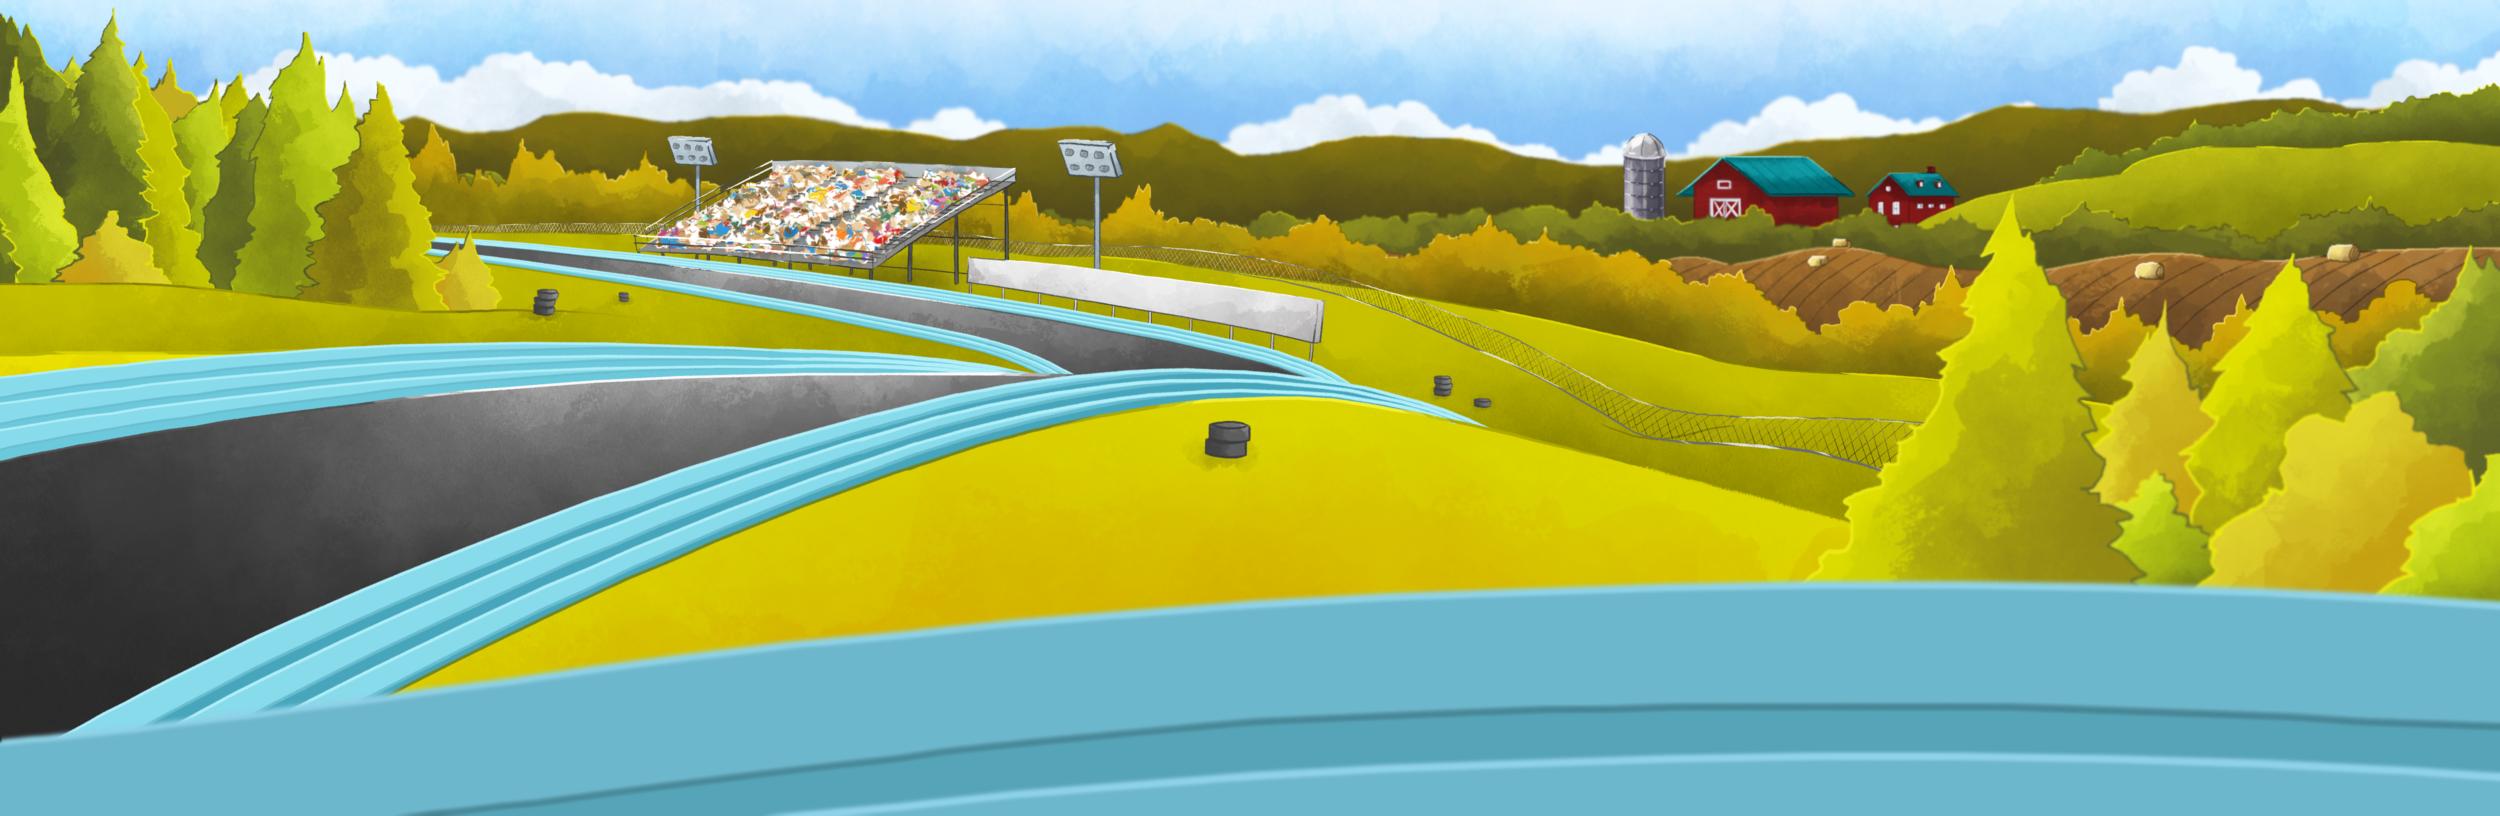 SlideC_RaceTrack_v4.png